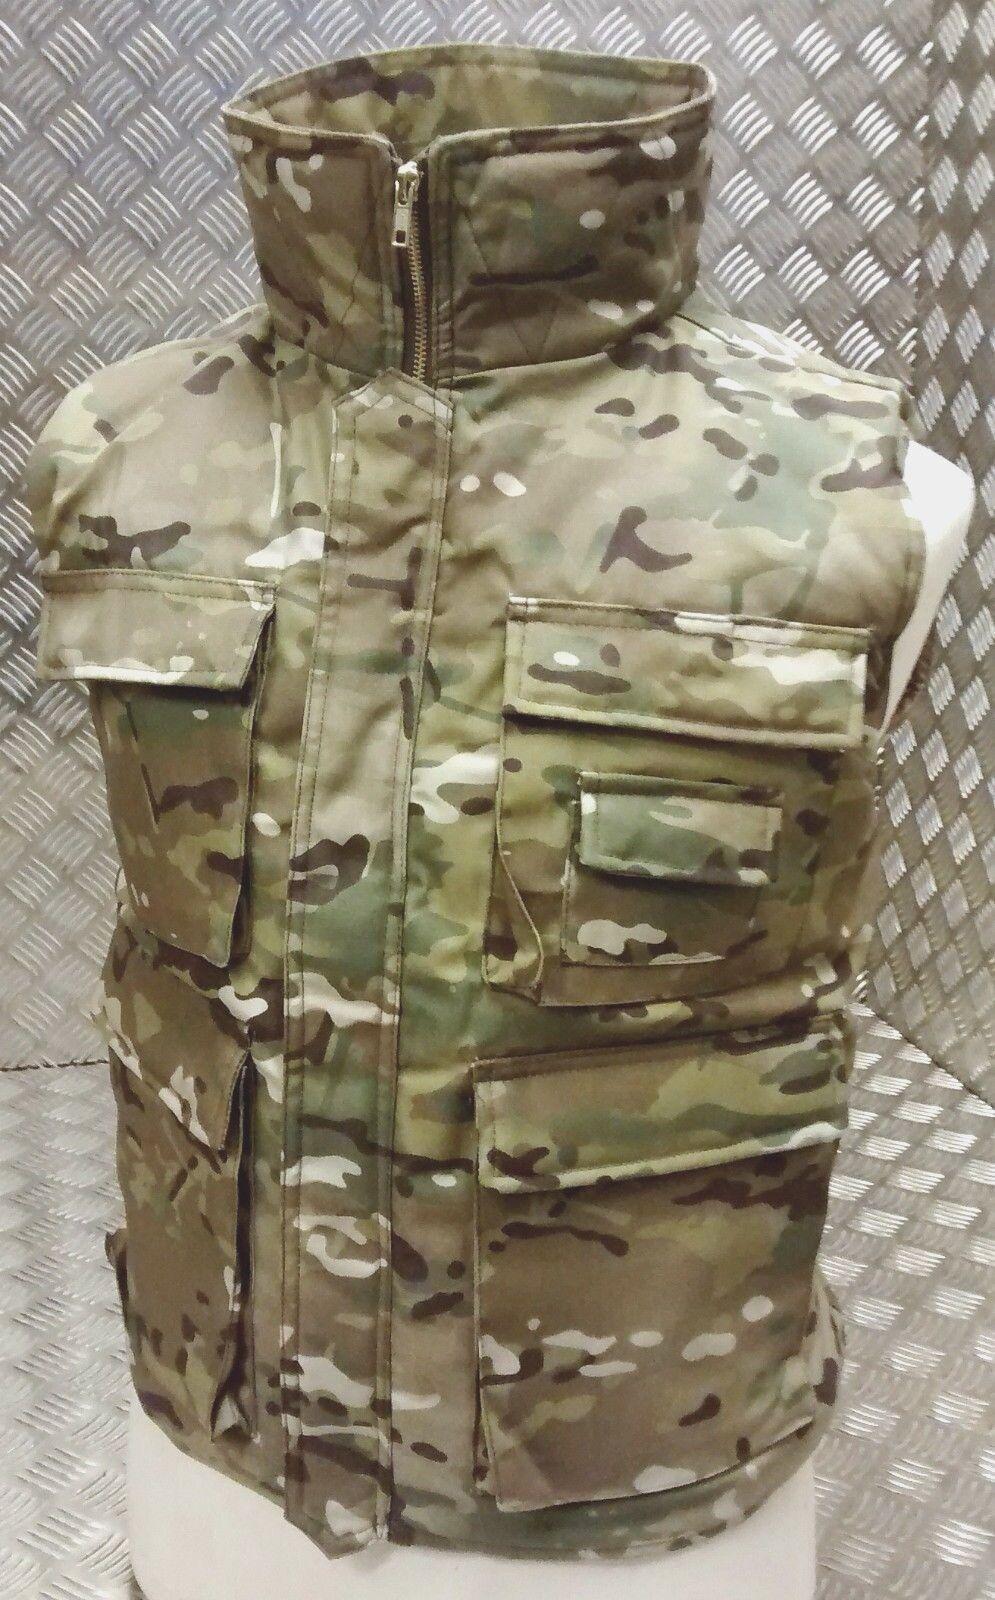 Jäger Action Weste Mtp Multi-Camouflage Multi-Camouflage Multi-Camouflage Taktisch Fischen Weste Alle Größen - Neu 47dd1a